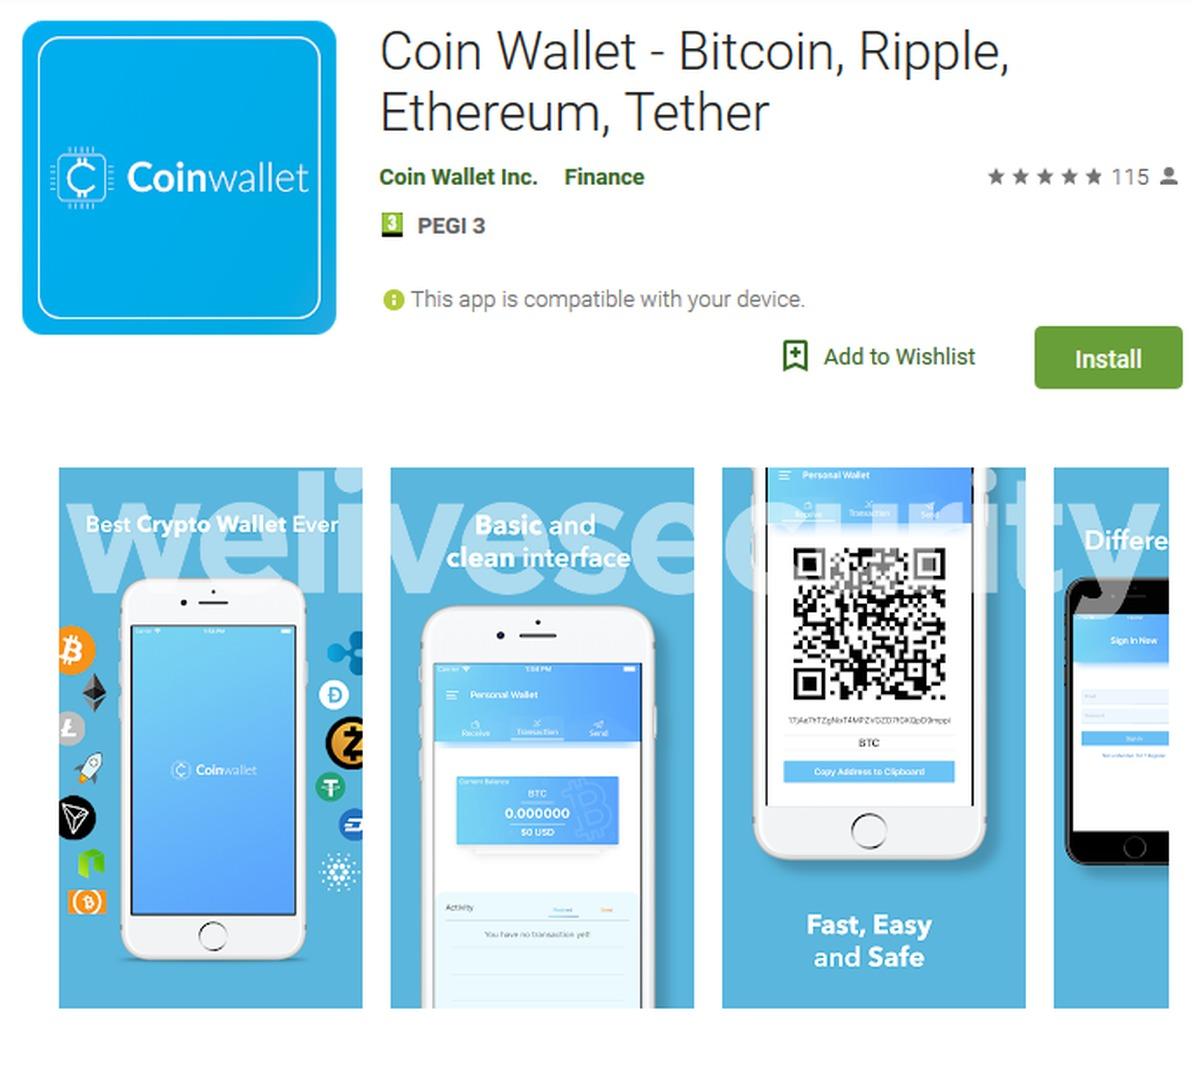 Artık hedef kripto coin cüzdanları!!! Peki, cüzdanınızı sanal ortamda nasıl koruyacaksınız?İşte size gerçek çözüm ve uyarılar.